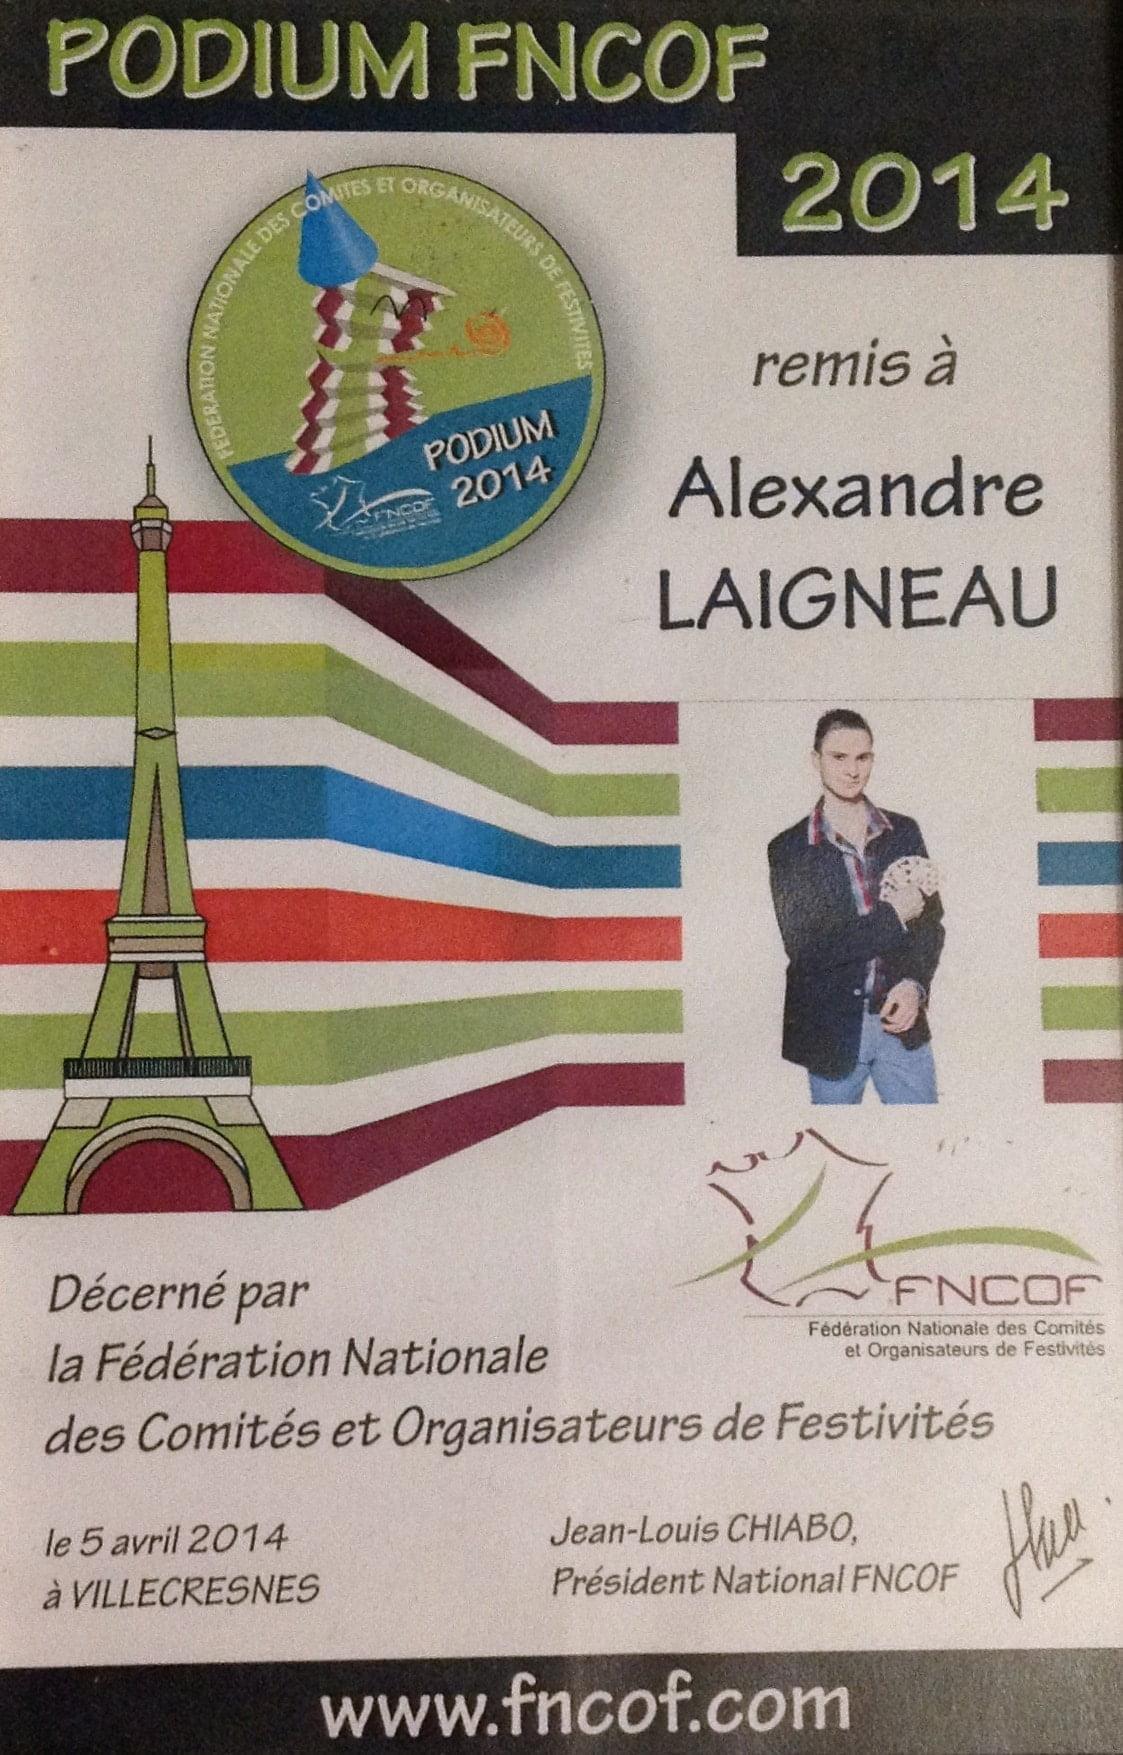 Podium FNCOF Artiste magicien Alexandre Laigneau Villecresnes 94 Comité des fêtes